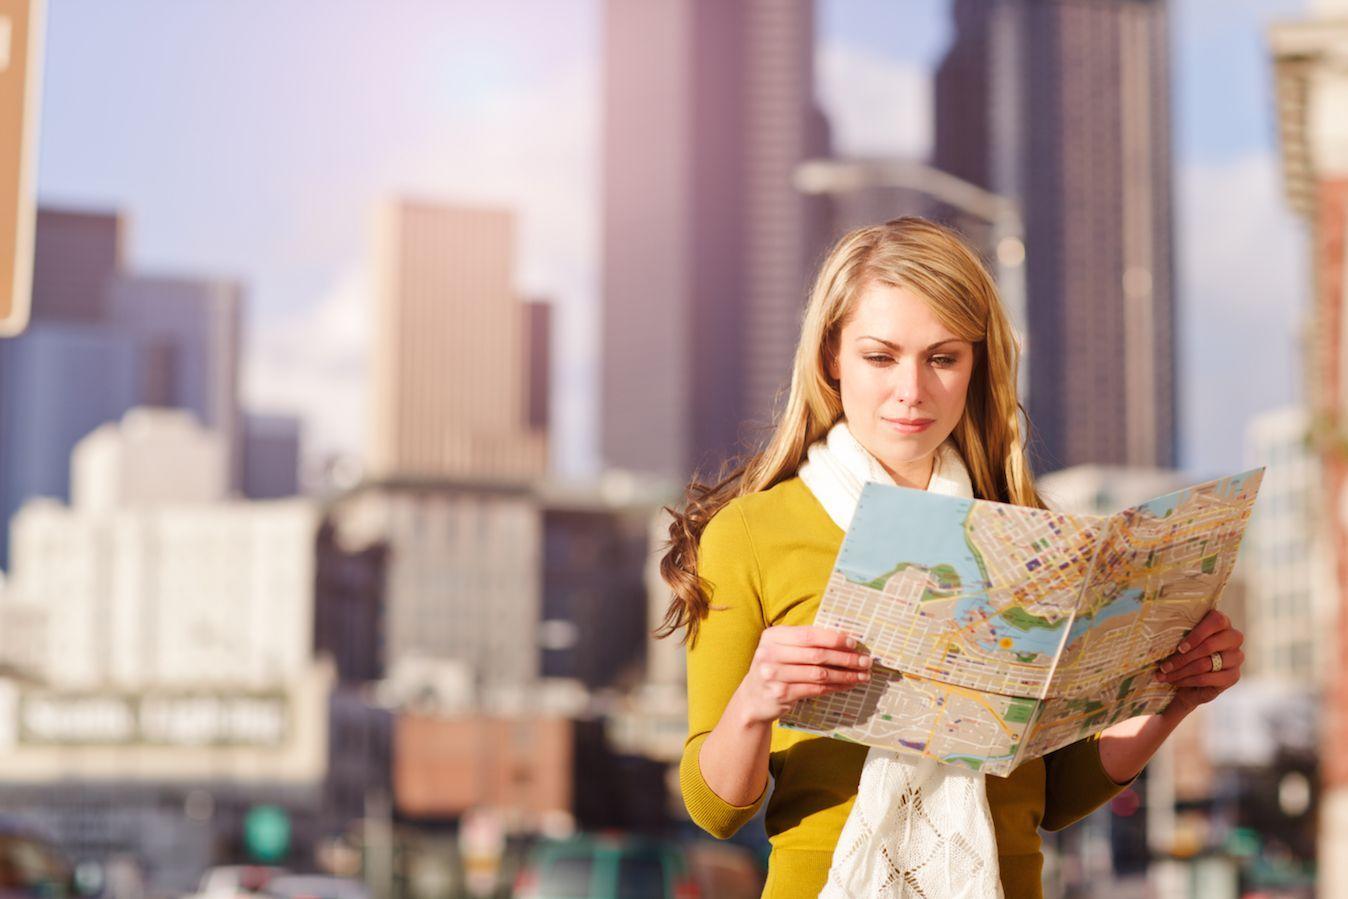 Vrei să fii turist sau vrei să fii călător?